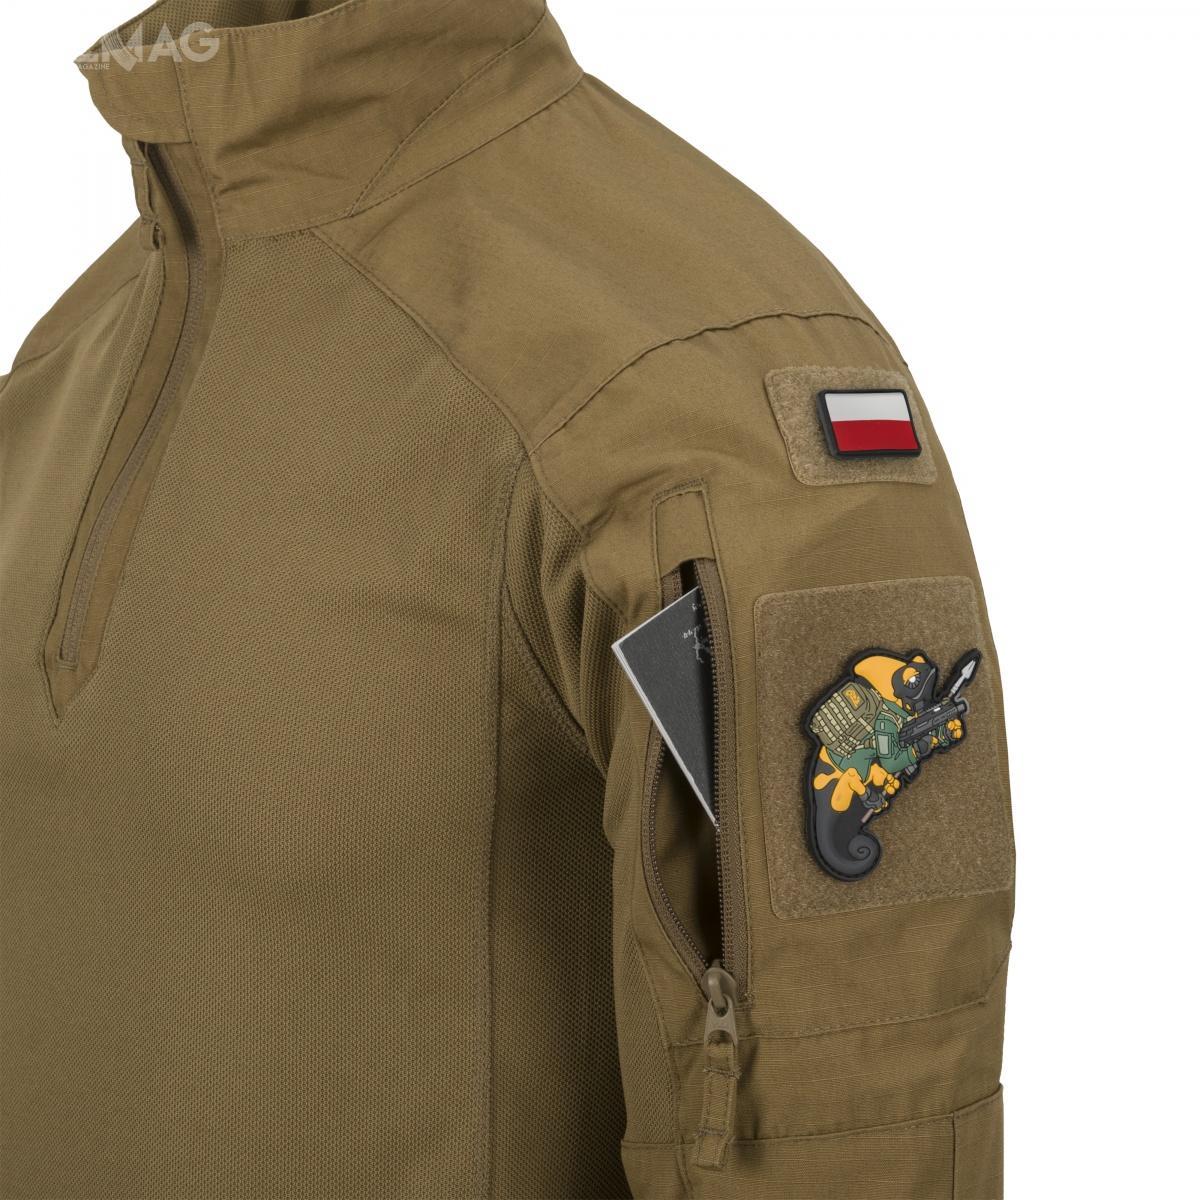 Na ramionach umieszczono dwie kieszenie zapinane nazamek. Zastosowany materiał NYCO zapewnia sztywność niezbędną dowygodnej obsługi /Zdjęcie: Helikon-Tex